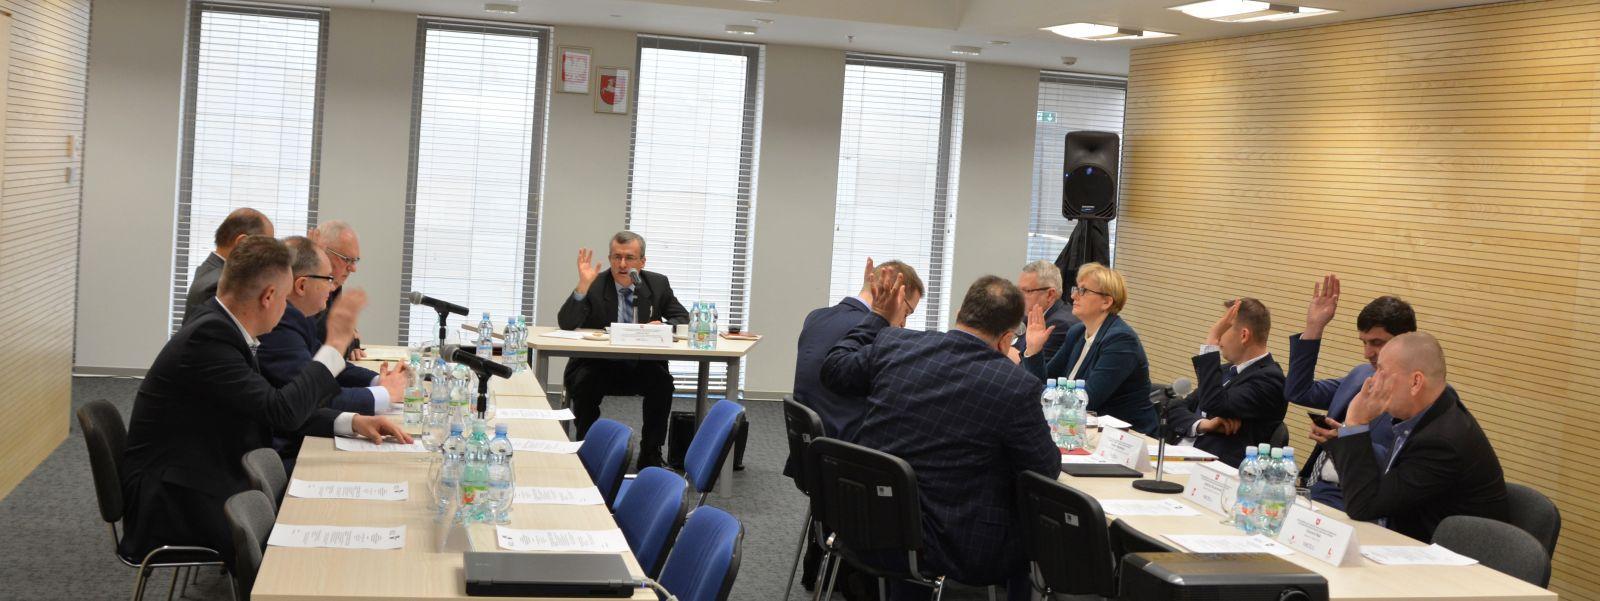 Posiedzenie SZR ds. Gospodarki, Innowacji i Rozwoju Przedsiębiorczości WRDS Województwa Lubelskiego